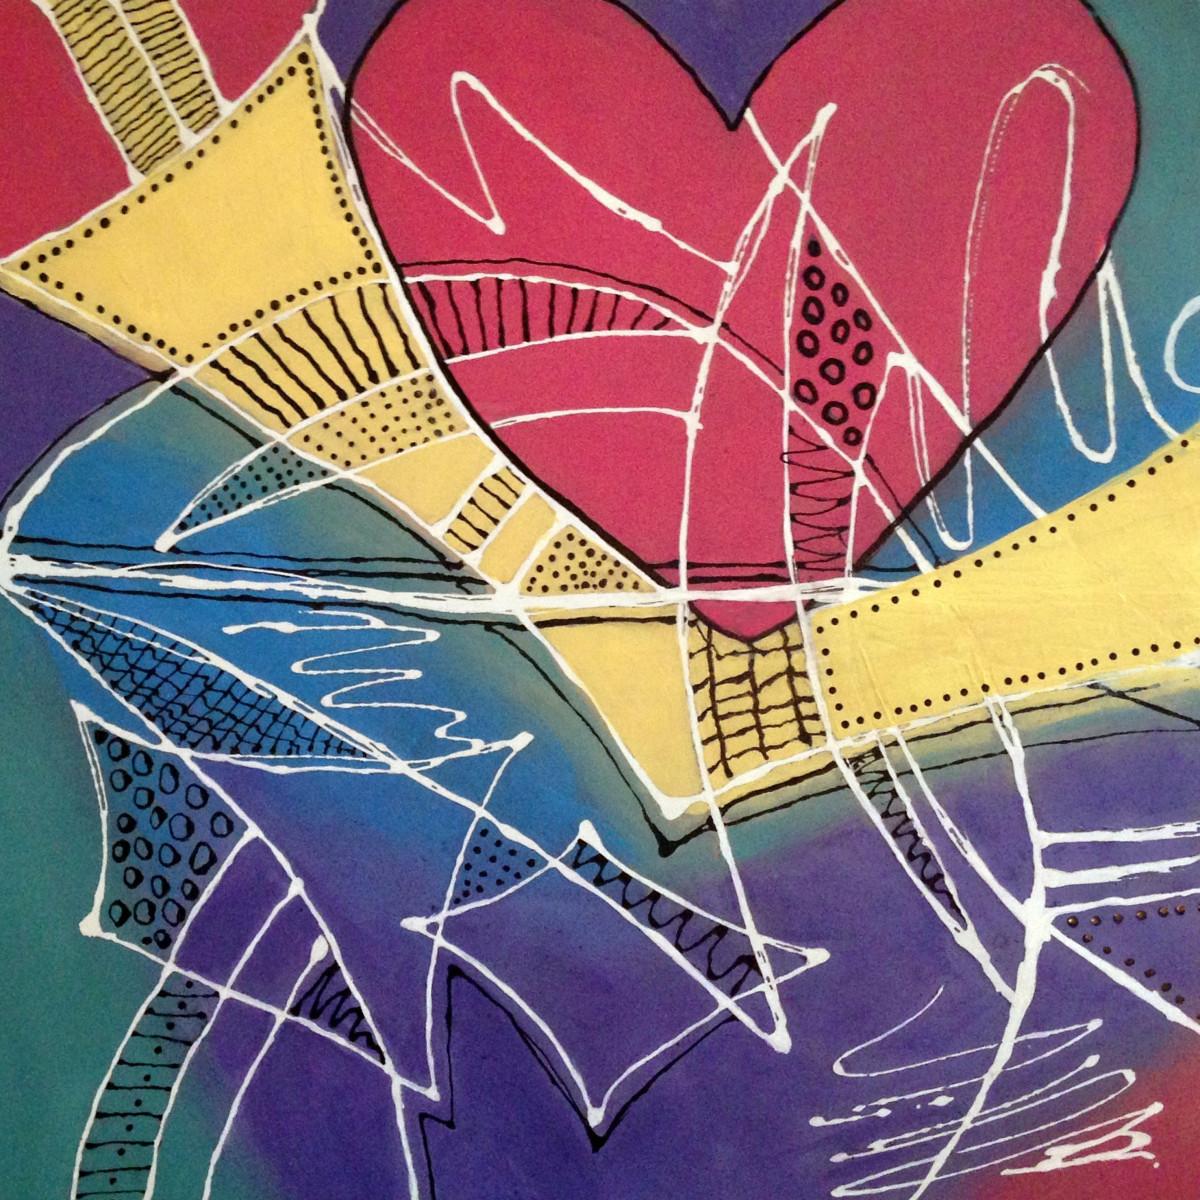 Techno Heart on My Sleeve by Mari O'Brien